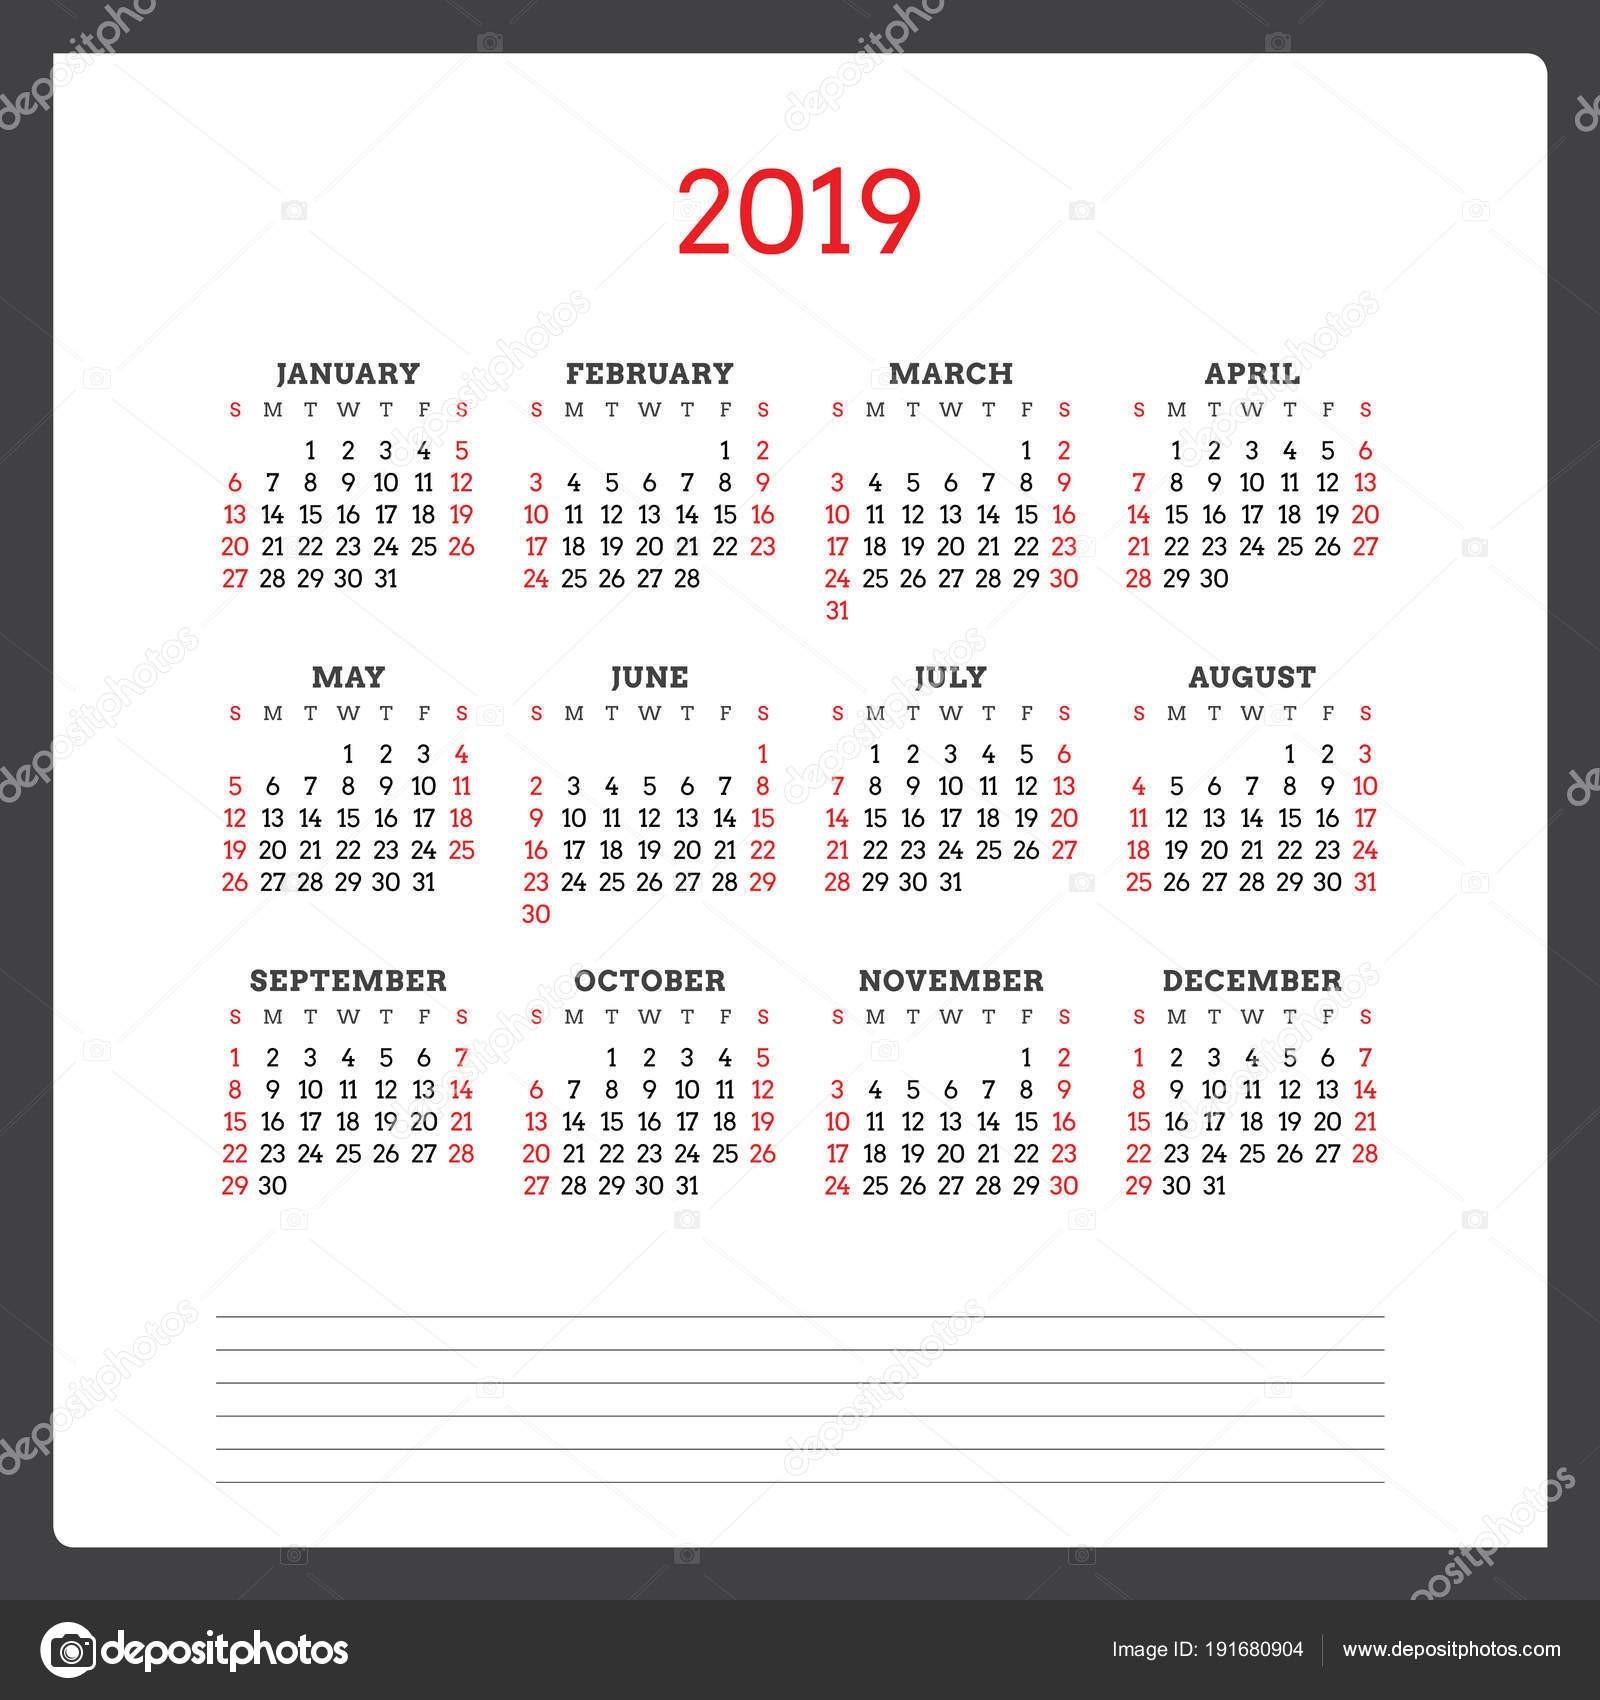 Calendario 2019 Con Festivos Y Lunas Más Recientes Noticias Calendario 2019 Para Imprimir Con Feriados Mexico Of Calendario 2019 Con Festivos Y Lunas Más Caliente Calendario 2017